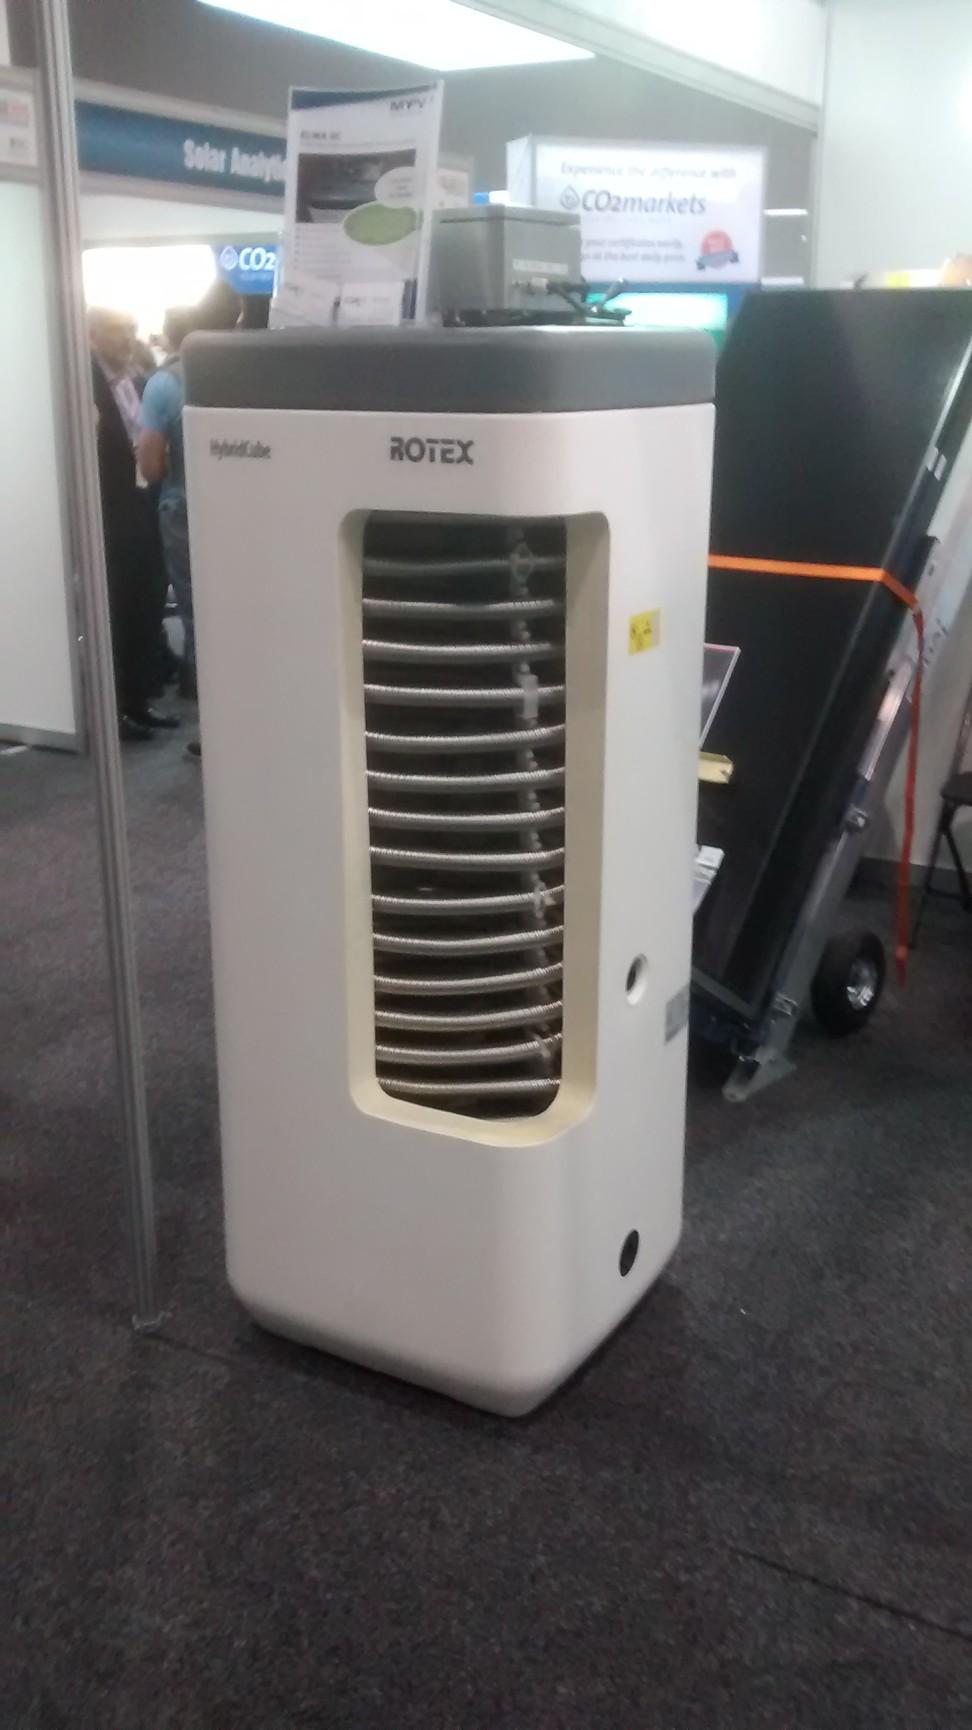 Rotex PV Hot water